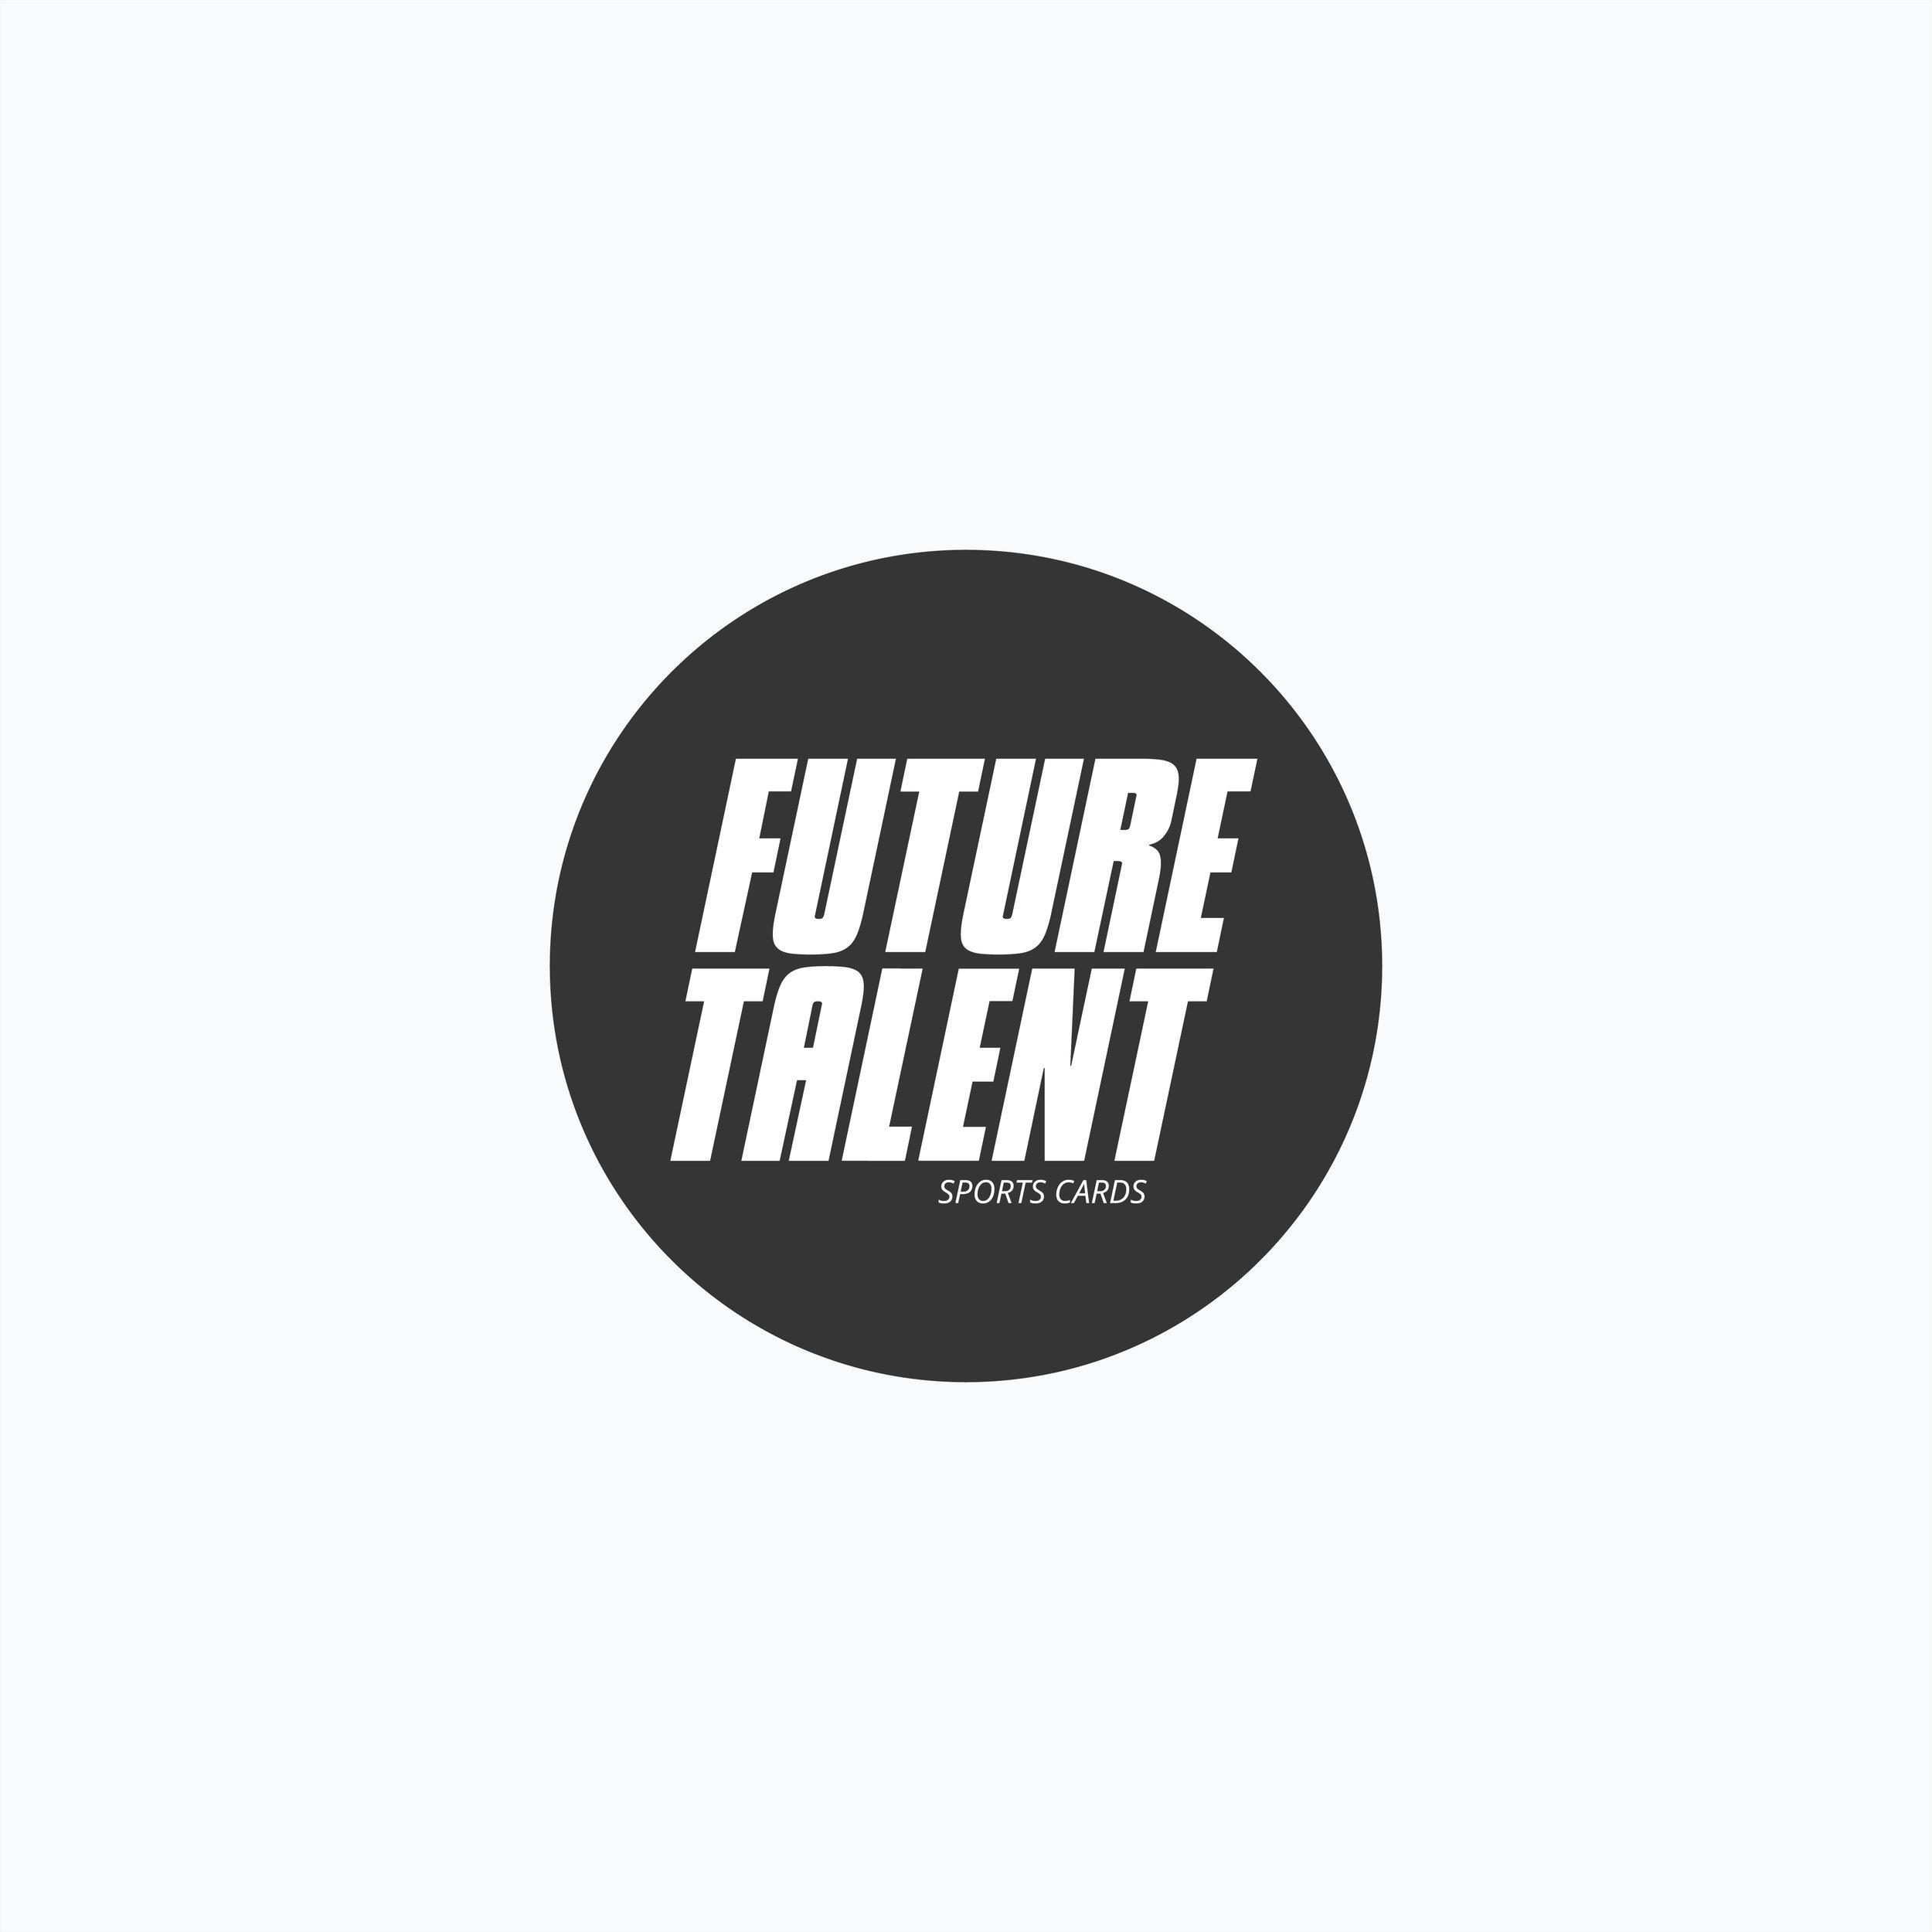 SKC_FutureTalent.jpg